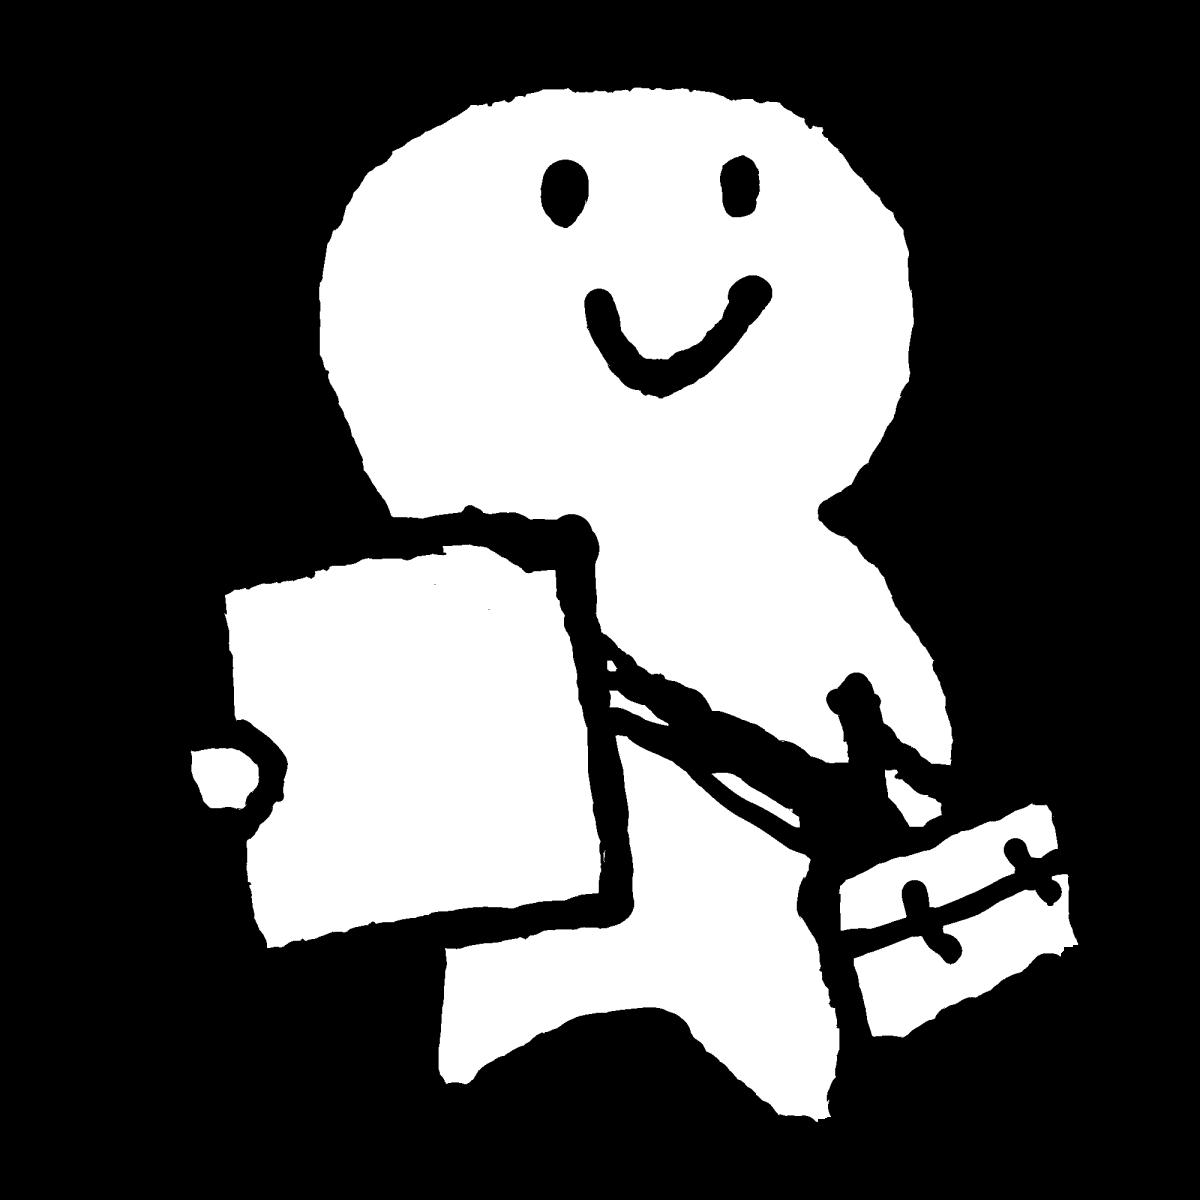 紙を持って出かけるのイラスト / hold paper Illustration